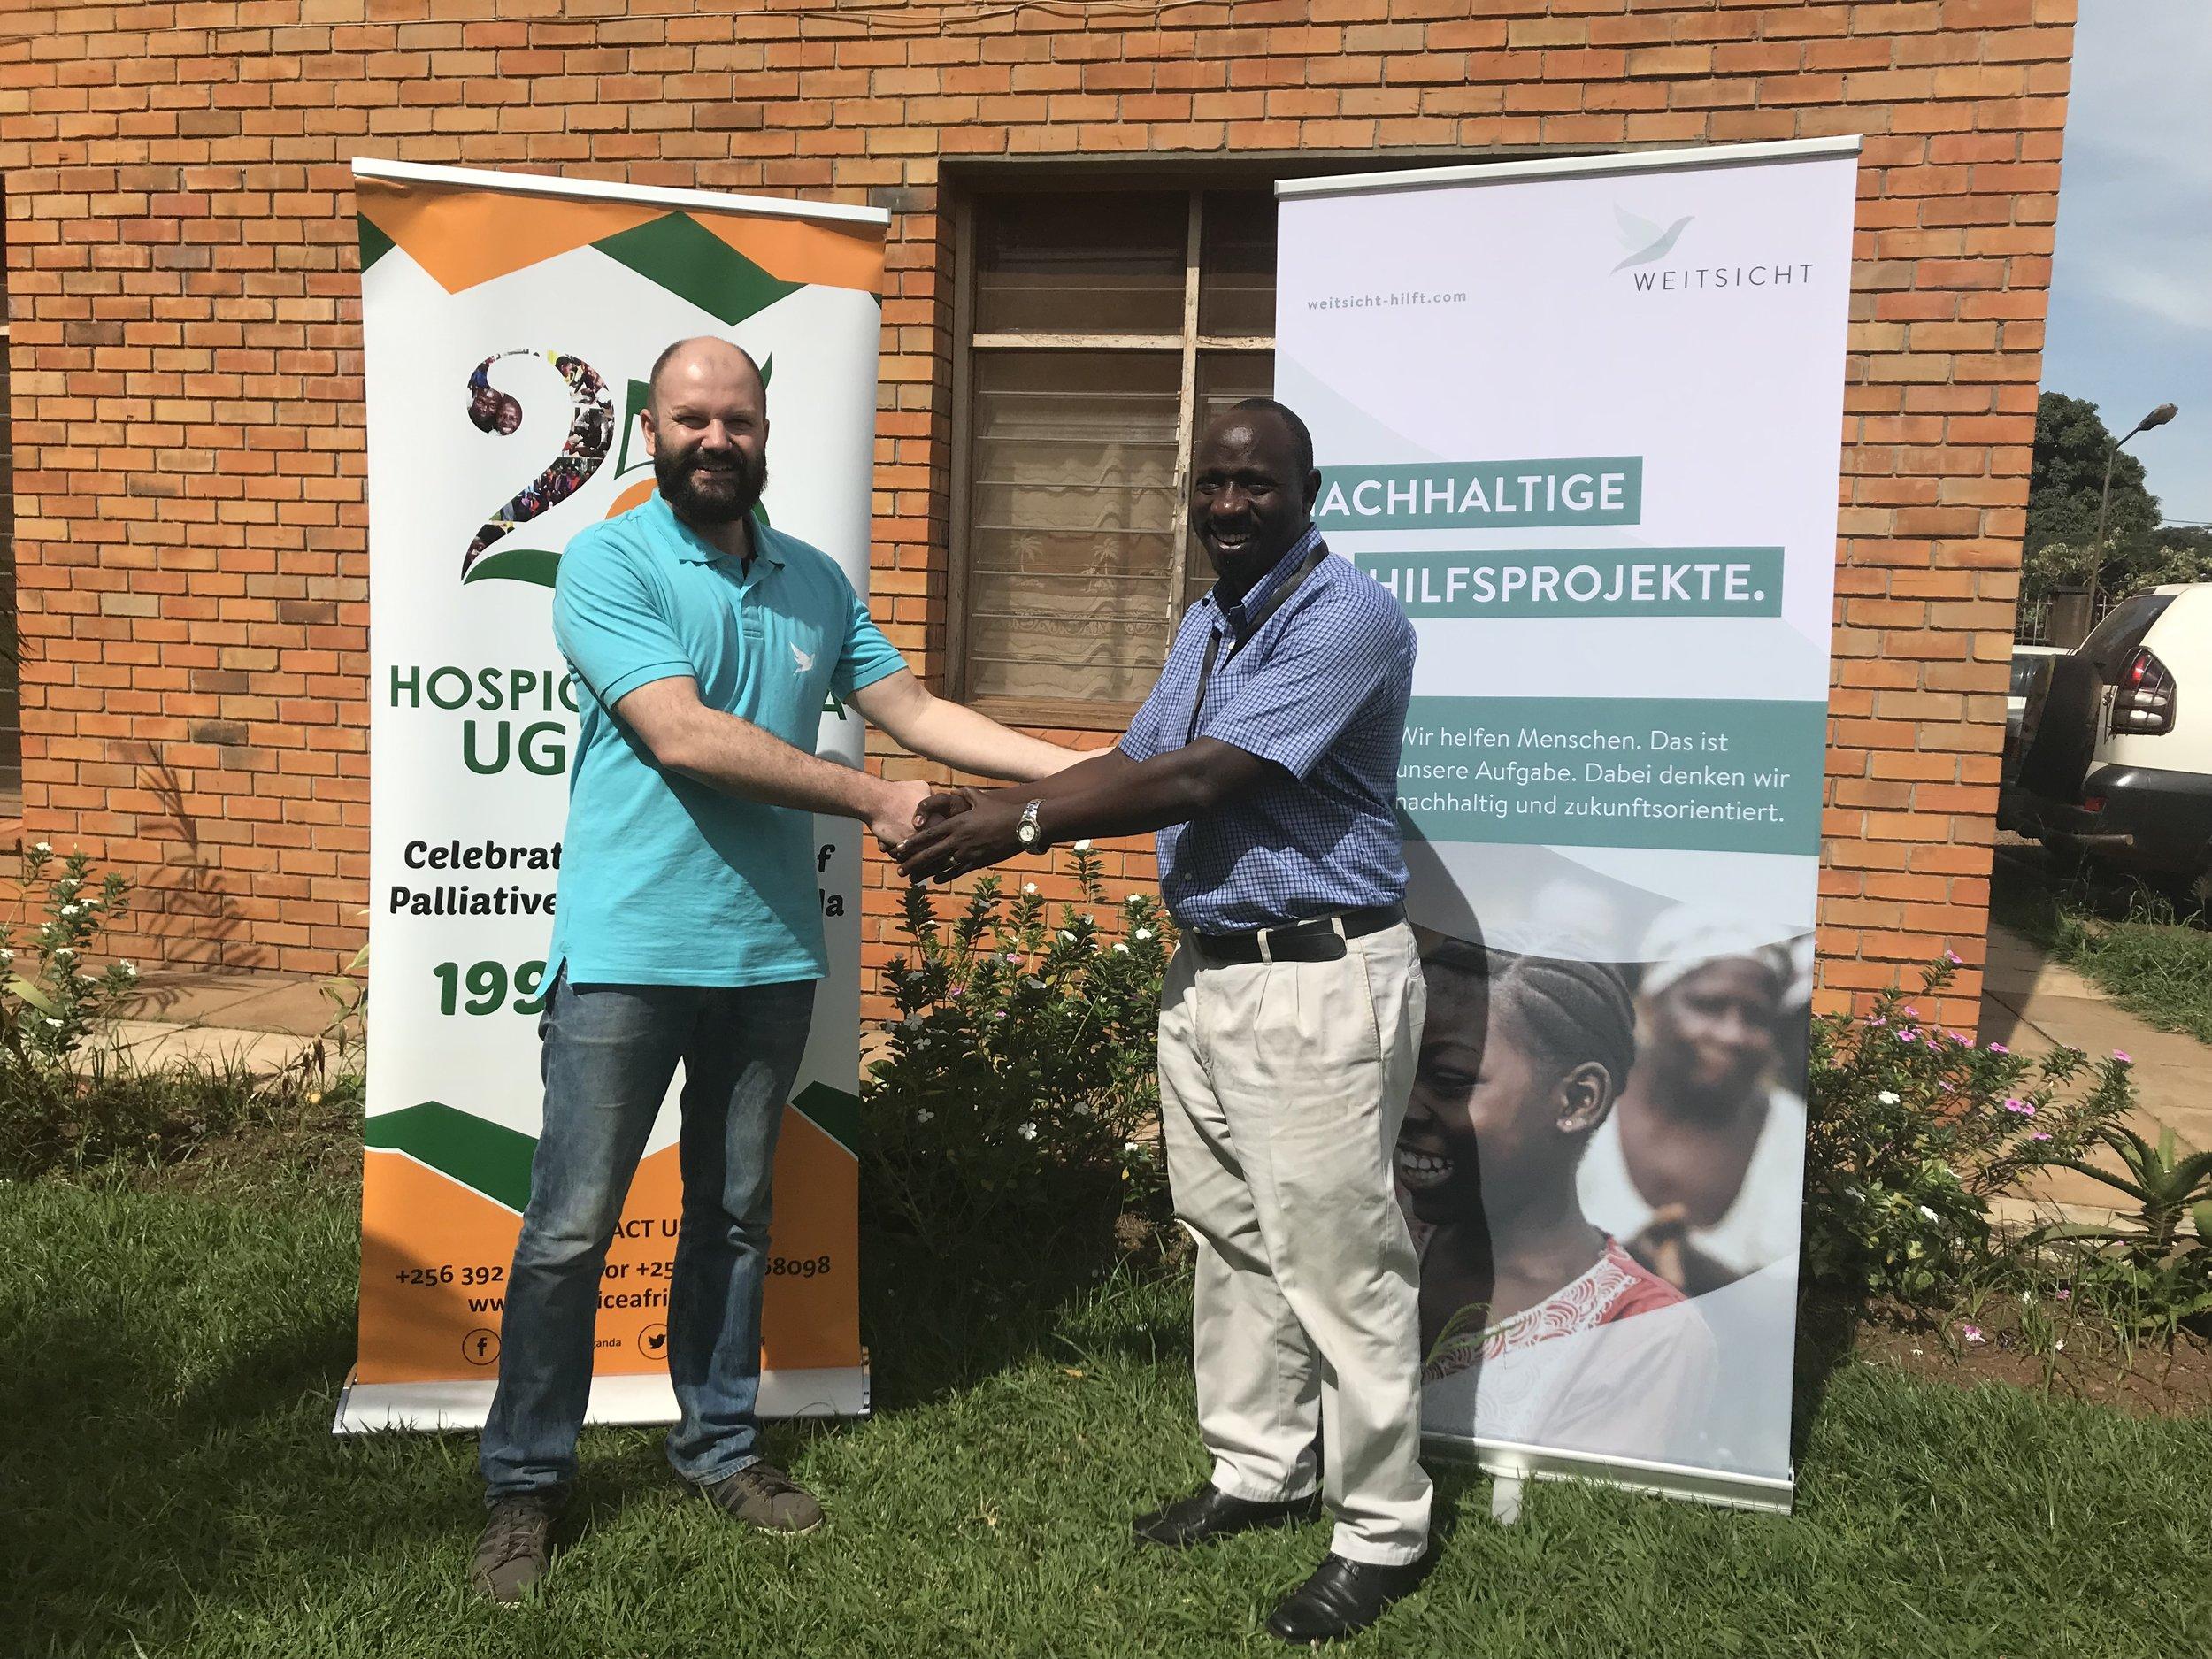 Hospiz Afrika - Freiwilligendienst - Wir bewundern, fördern und unterstützen die Arbeit des Hospizes in Uganda, Afrika. Wir möchten auf verschiedensten und individuellen Wegen die Lebensumstände der Menschen vor Ort in Uganda verbessern. Dazu stehen wir von Weitsicht regelmäßig  mit Dr. Eddie, dem Klinikdirektor des Hospizes im Austausch.